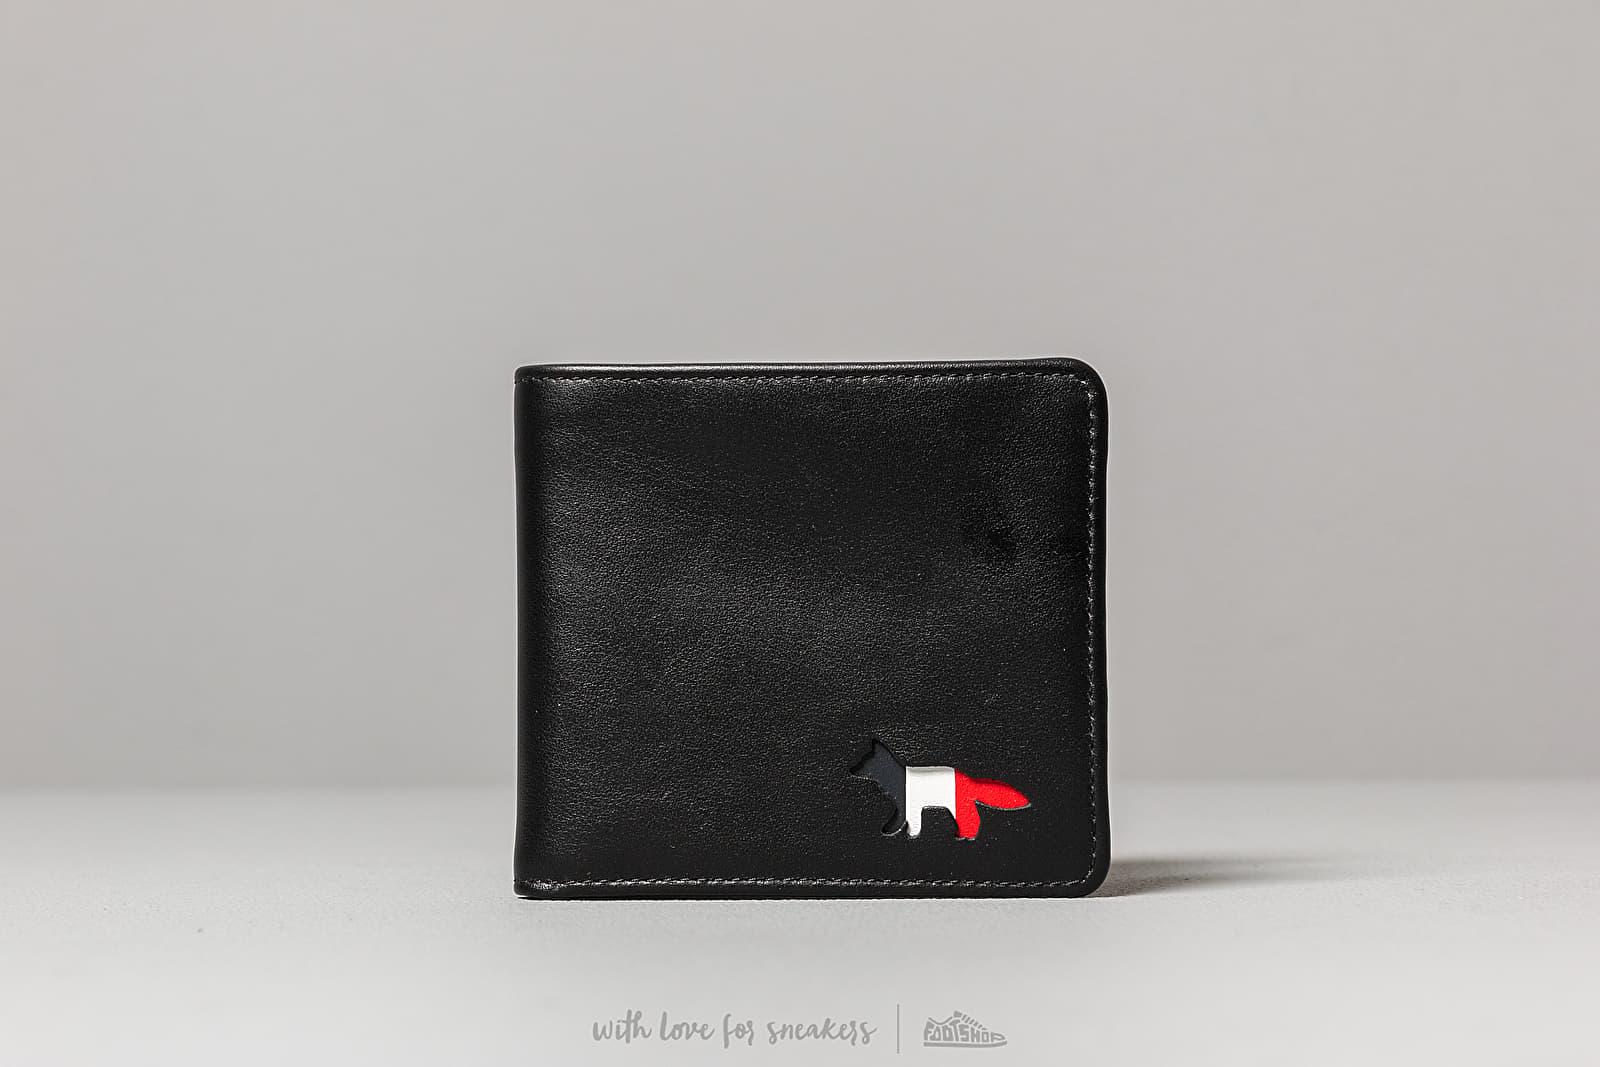 MAISON KITSUNÉ Tricolour Leather Wallet Black za skvelú cenu 142 € kúpite na Footshop.sk